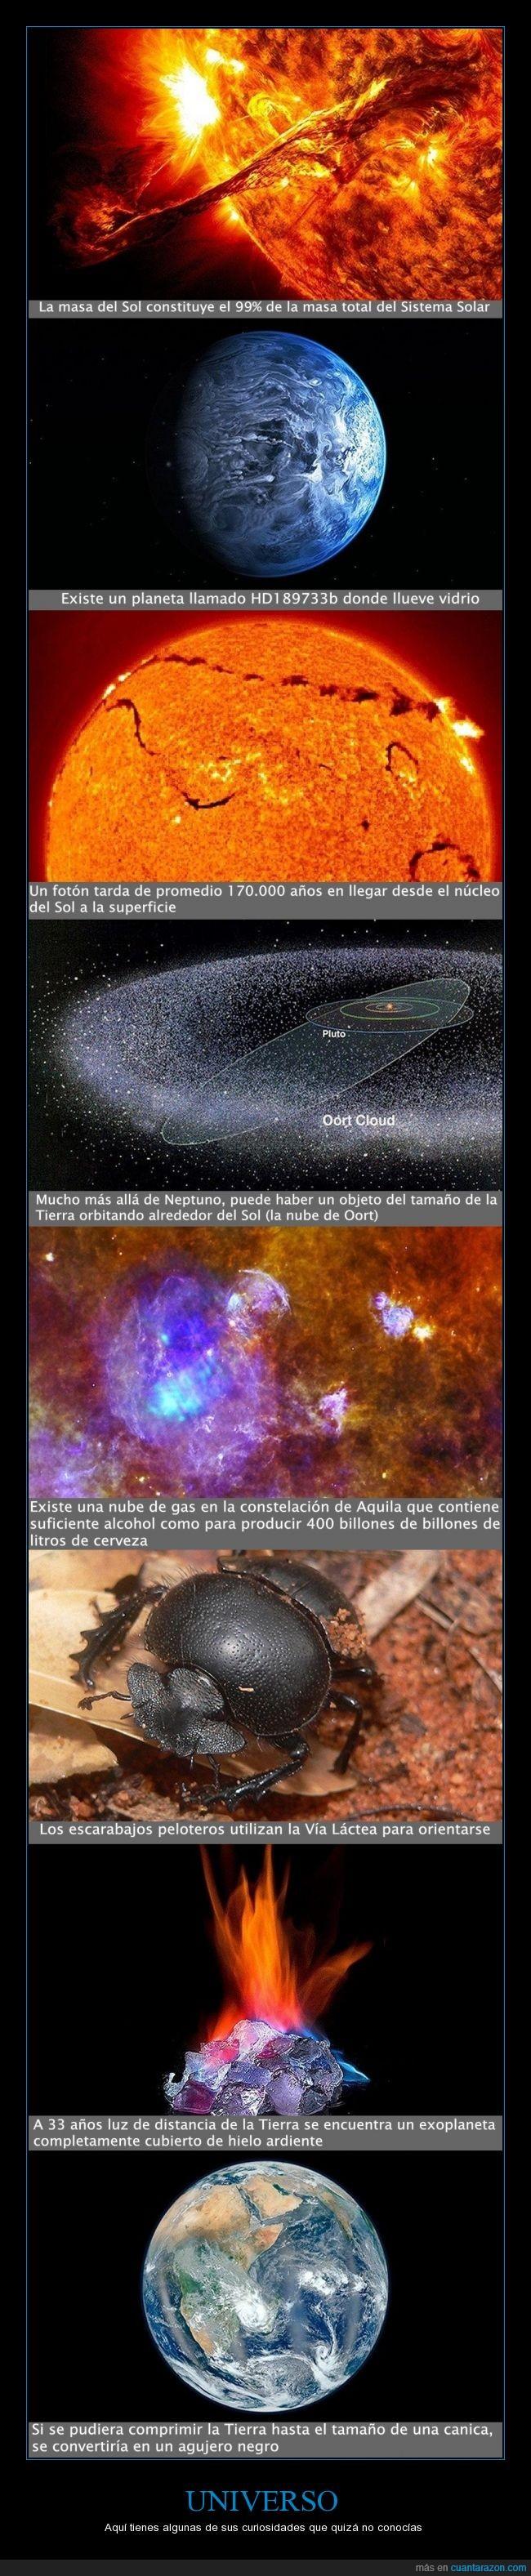 constelación de Aquila,escarabajos peloteros,exoplaneta,fotón,la nube de Oort,maravilloso,Neptuno,planeta HD189733b,Sistema Solar,Sol,universo,Vía Láctea